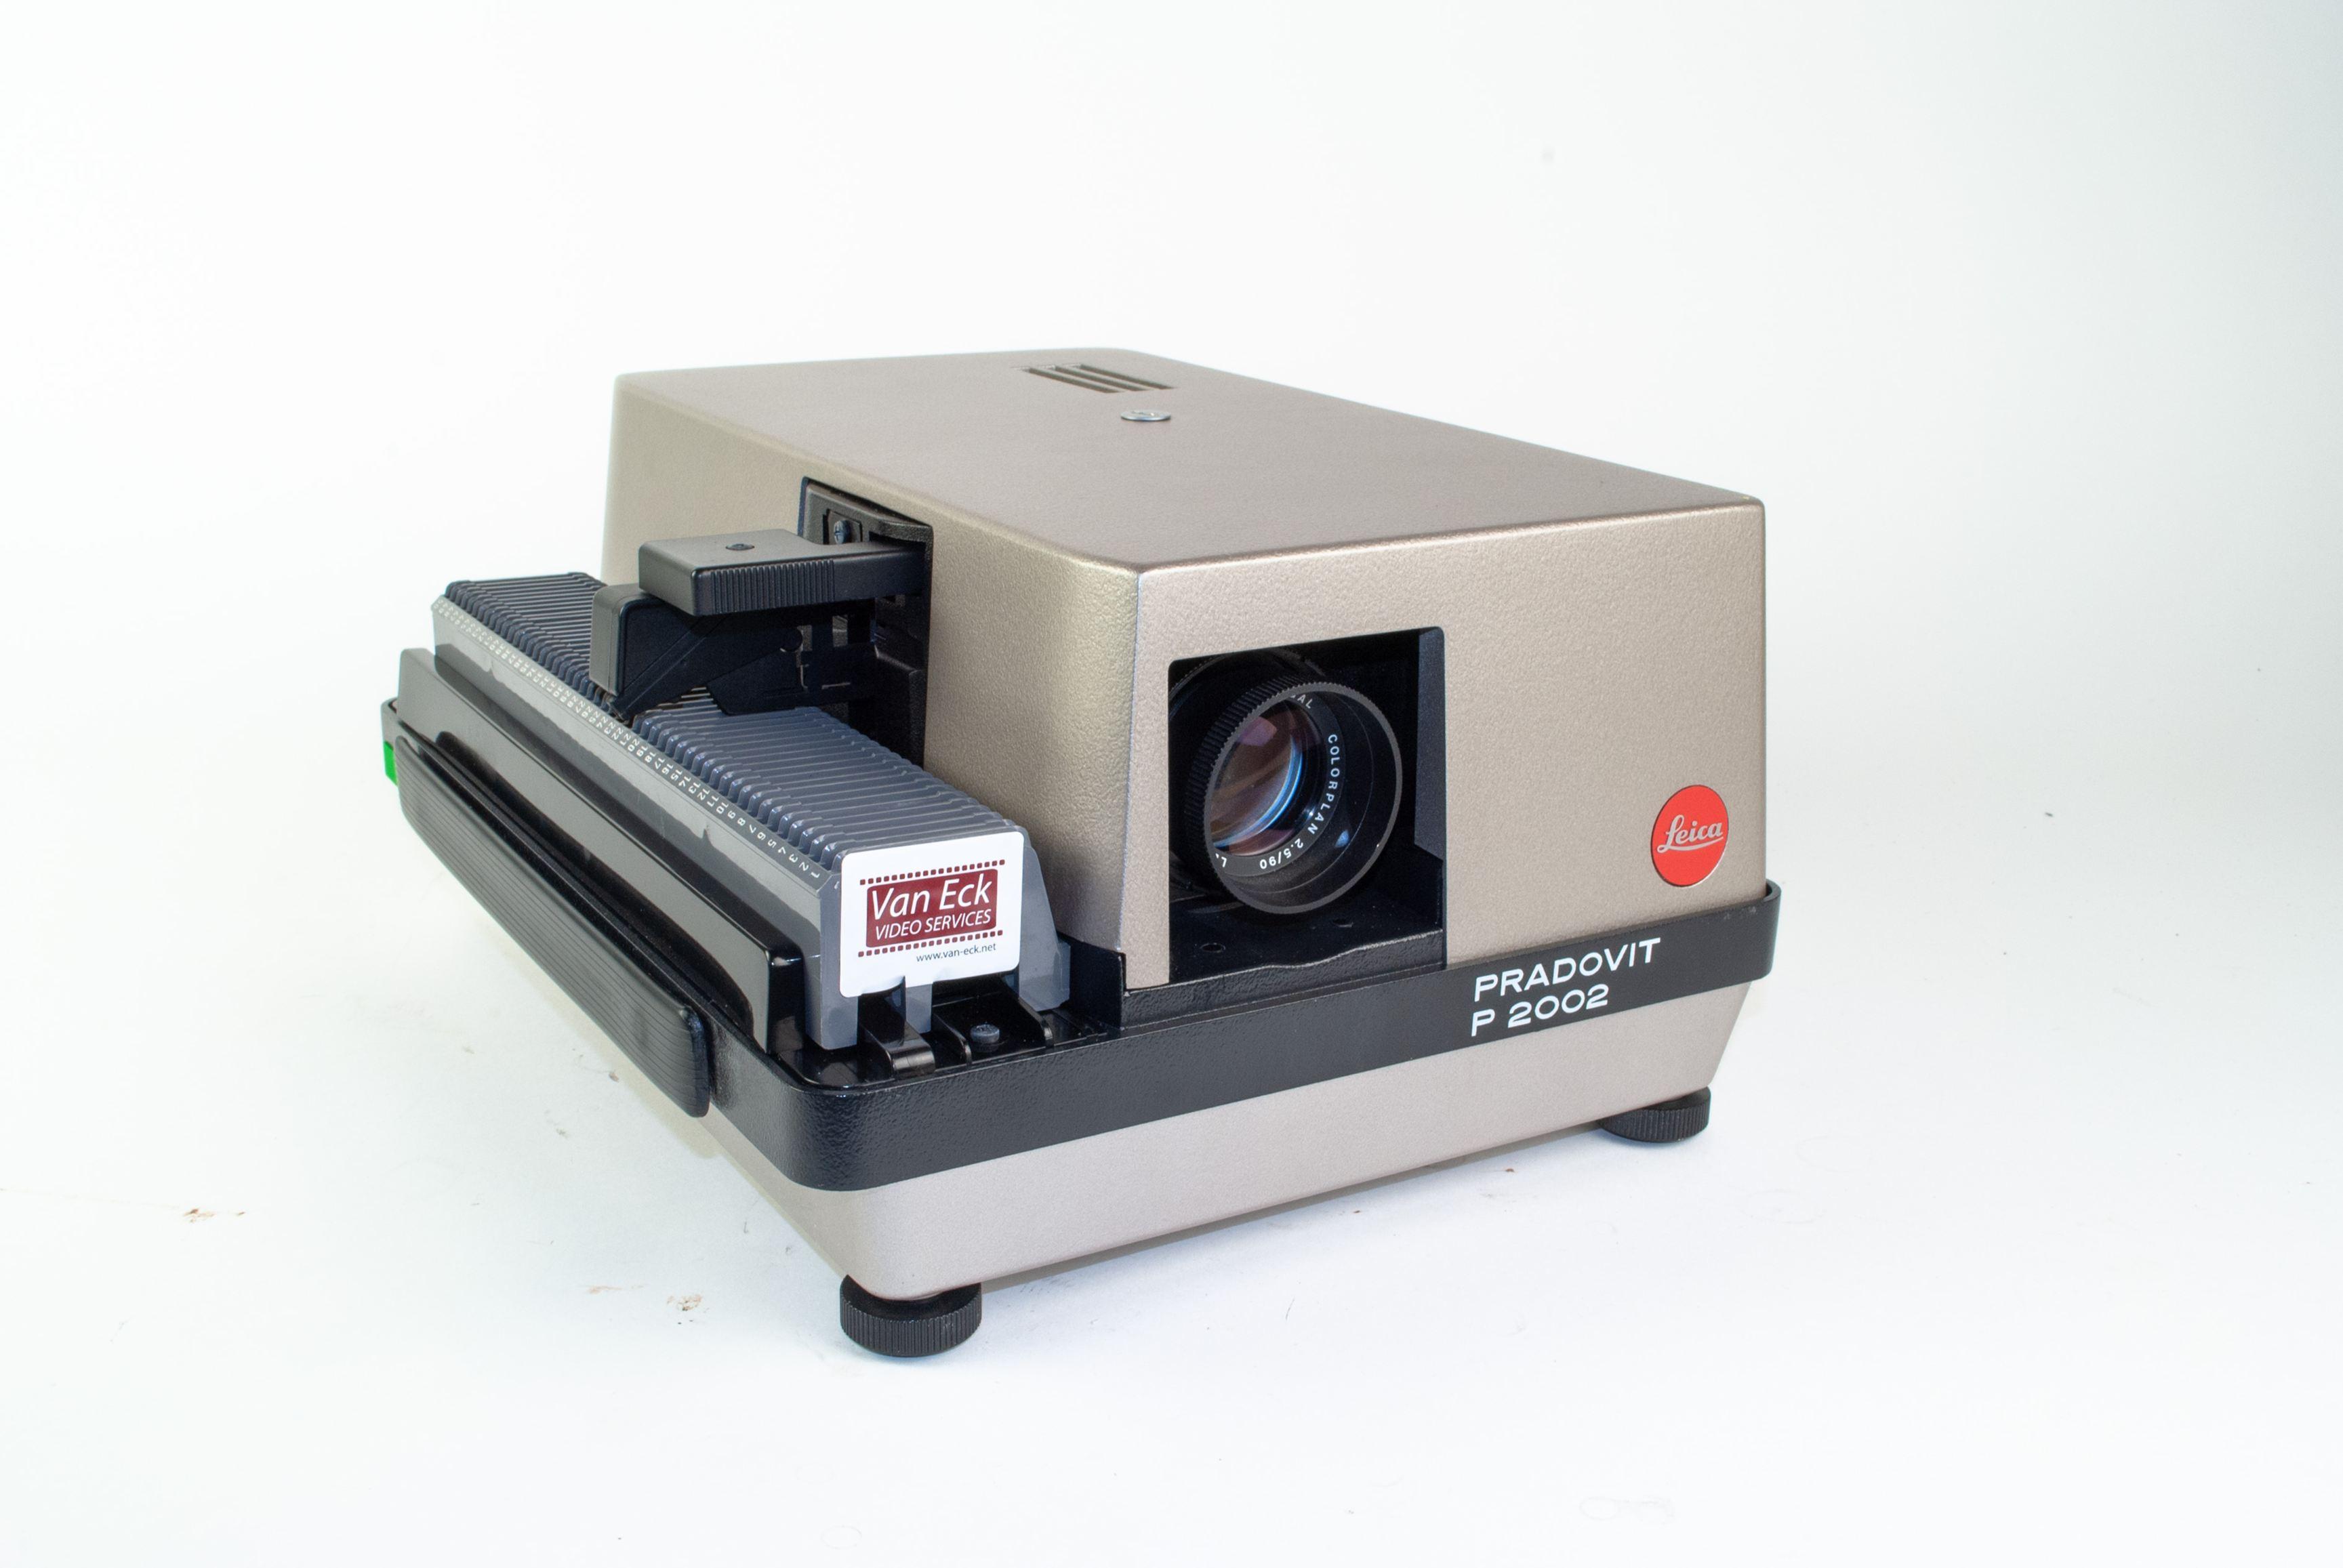 Pradovit P2002